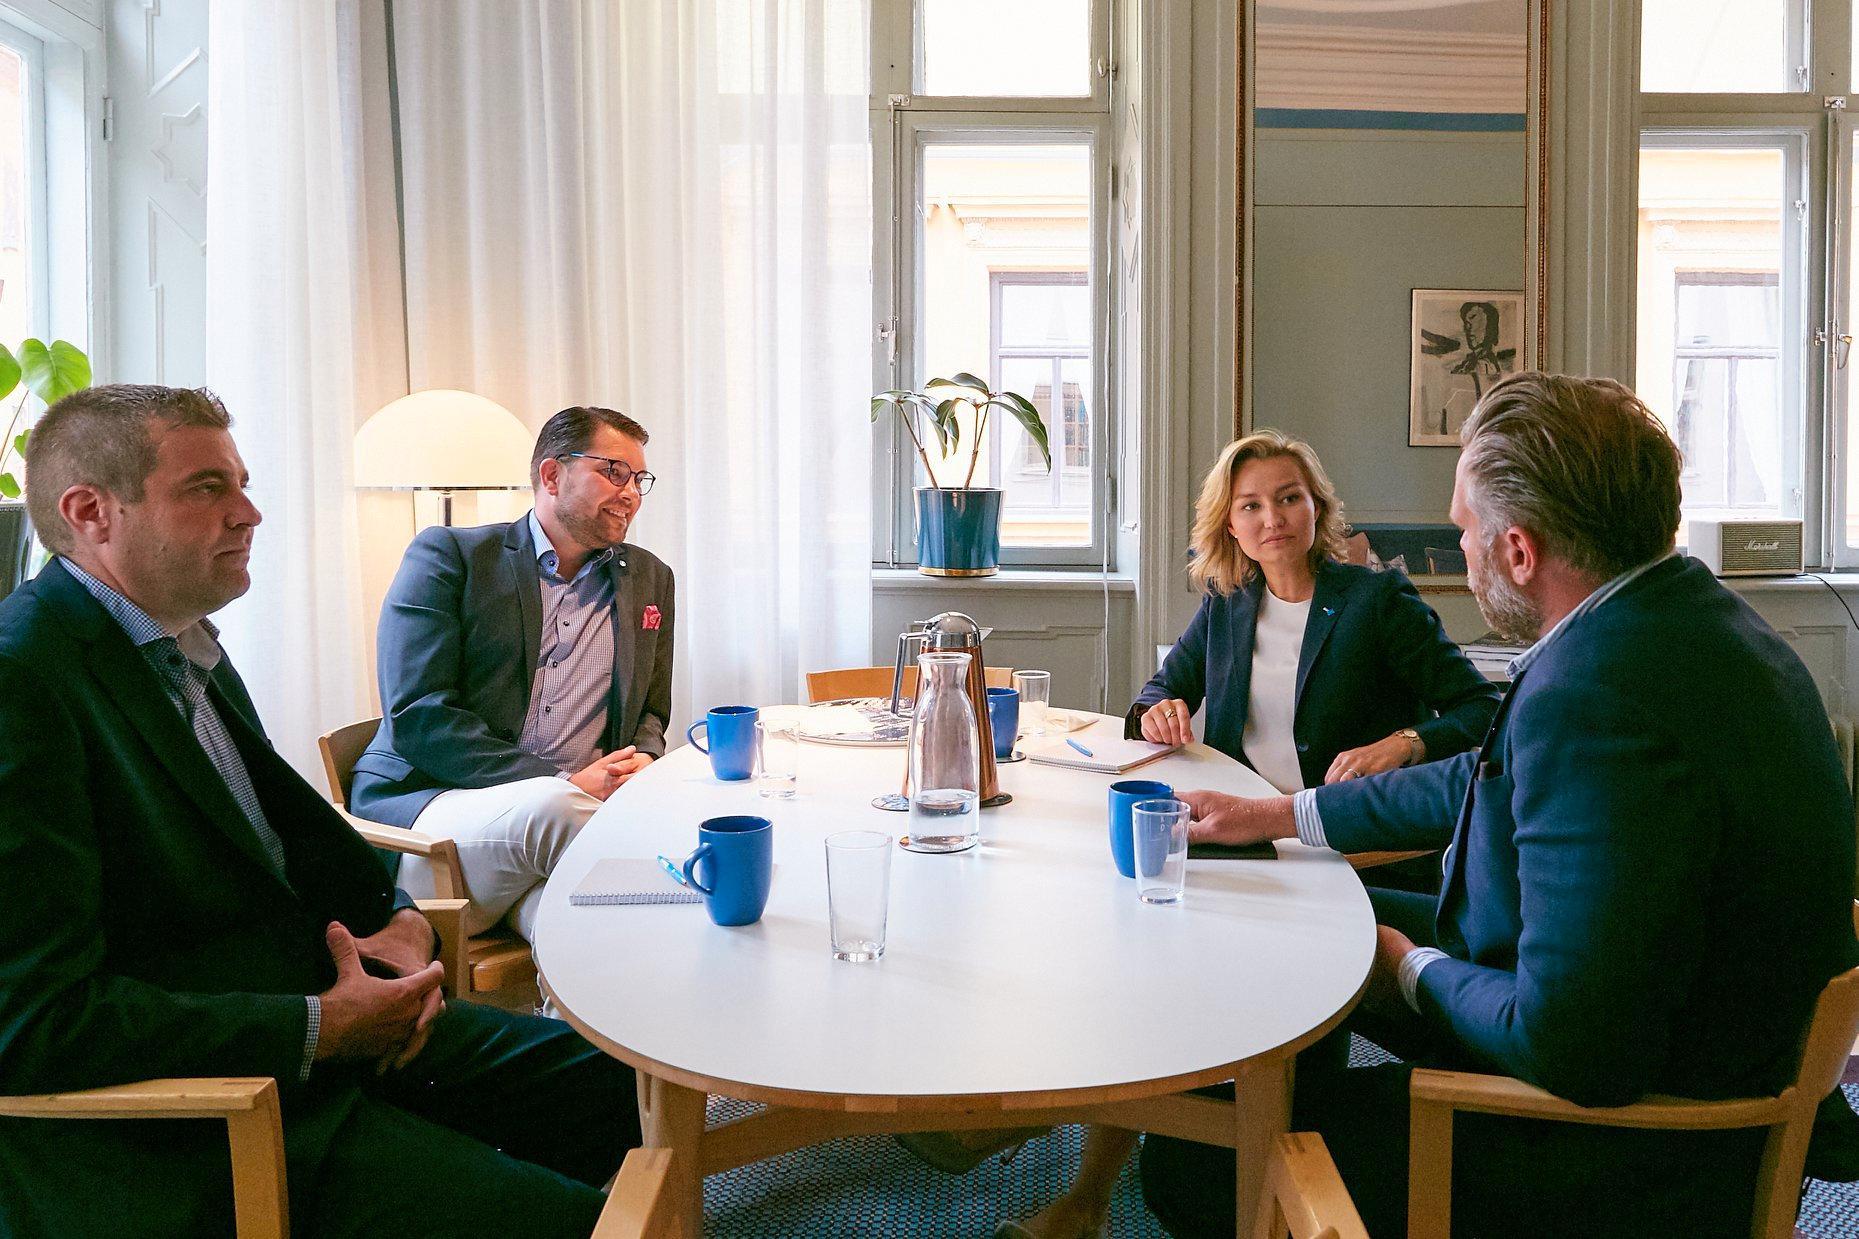 KD-ledaren Ebba Busch Thor och SD-kollegan Jimmie Åkesson åt lunch tillsammans och diskuterade sjukvård, energipolitik och migration.